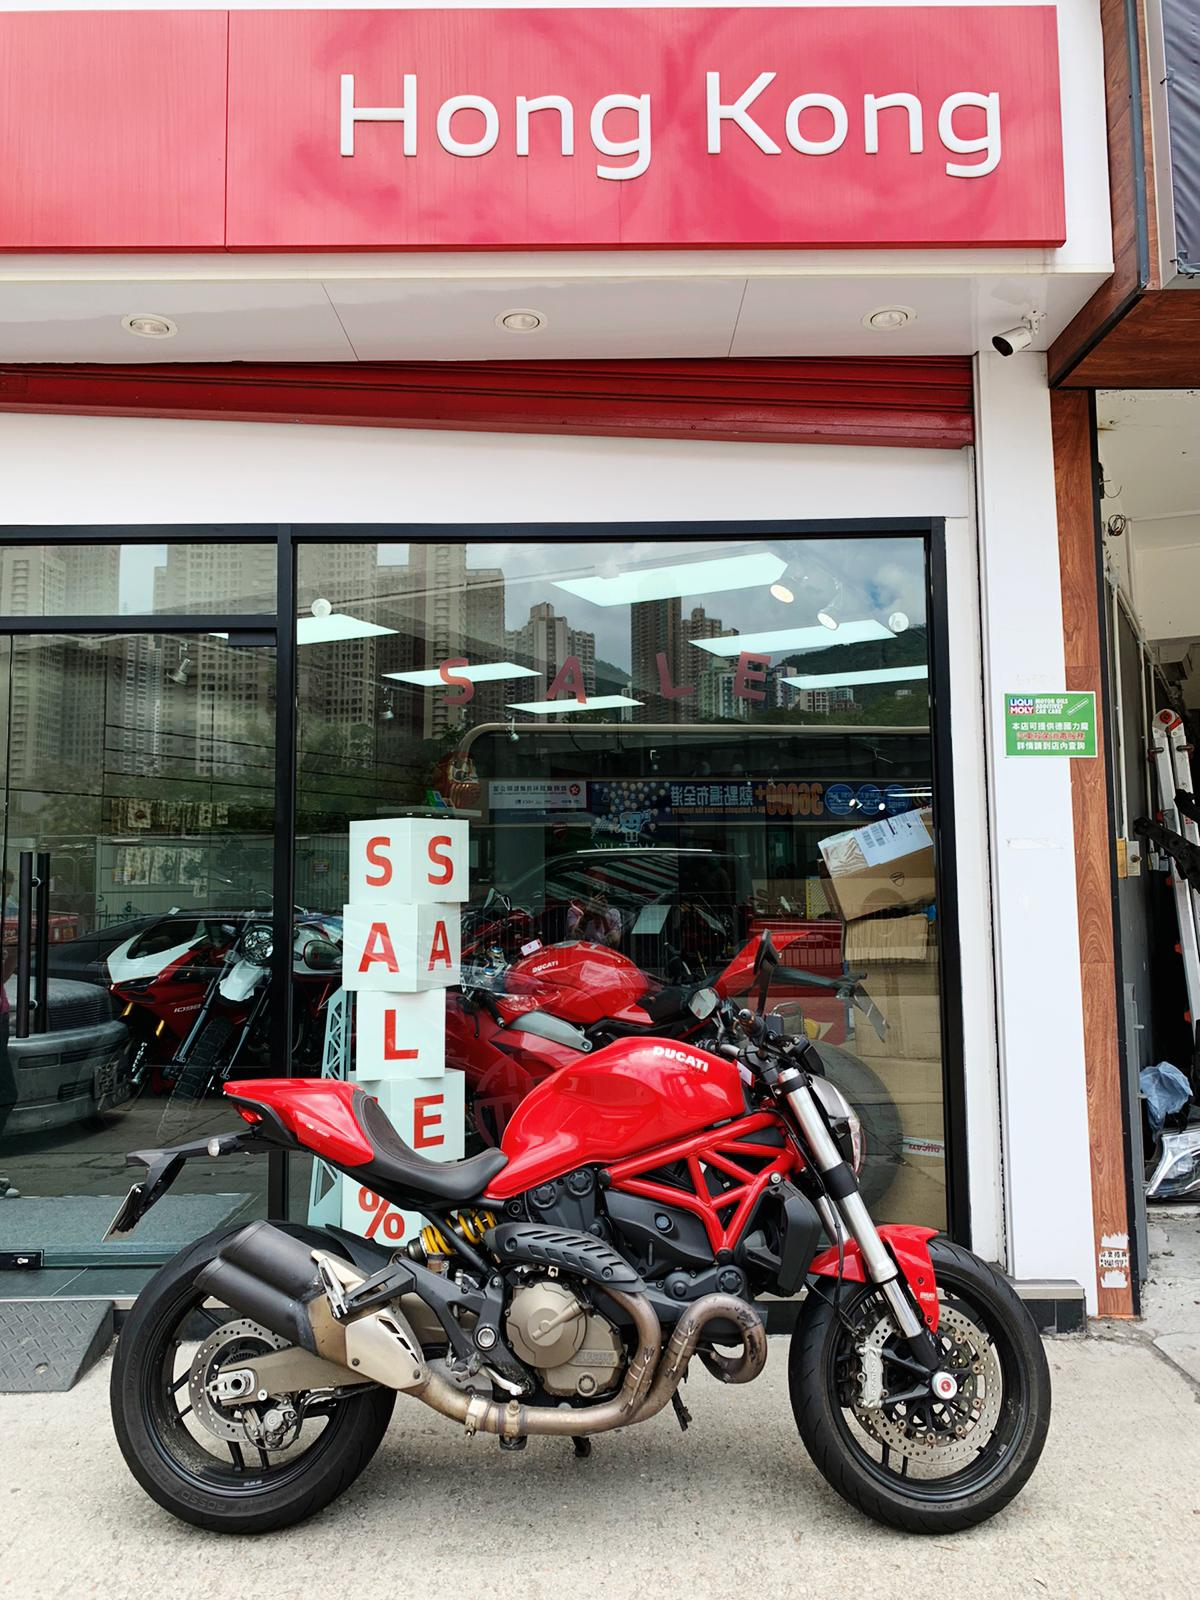 DUCATI MONSTER821 2014 紅色 - 「Webike摩托車市」